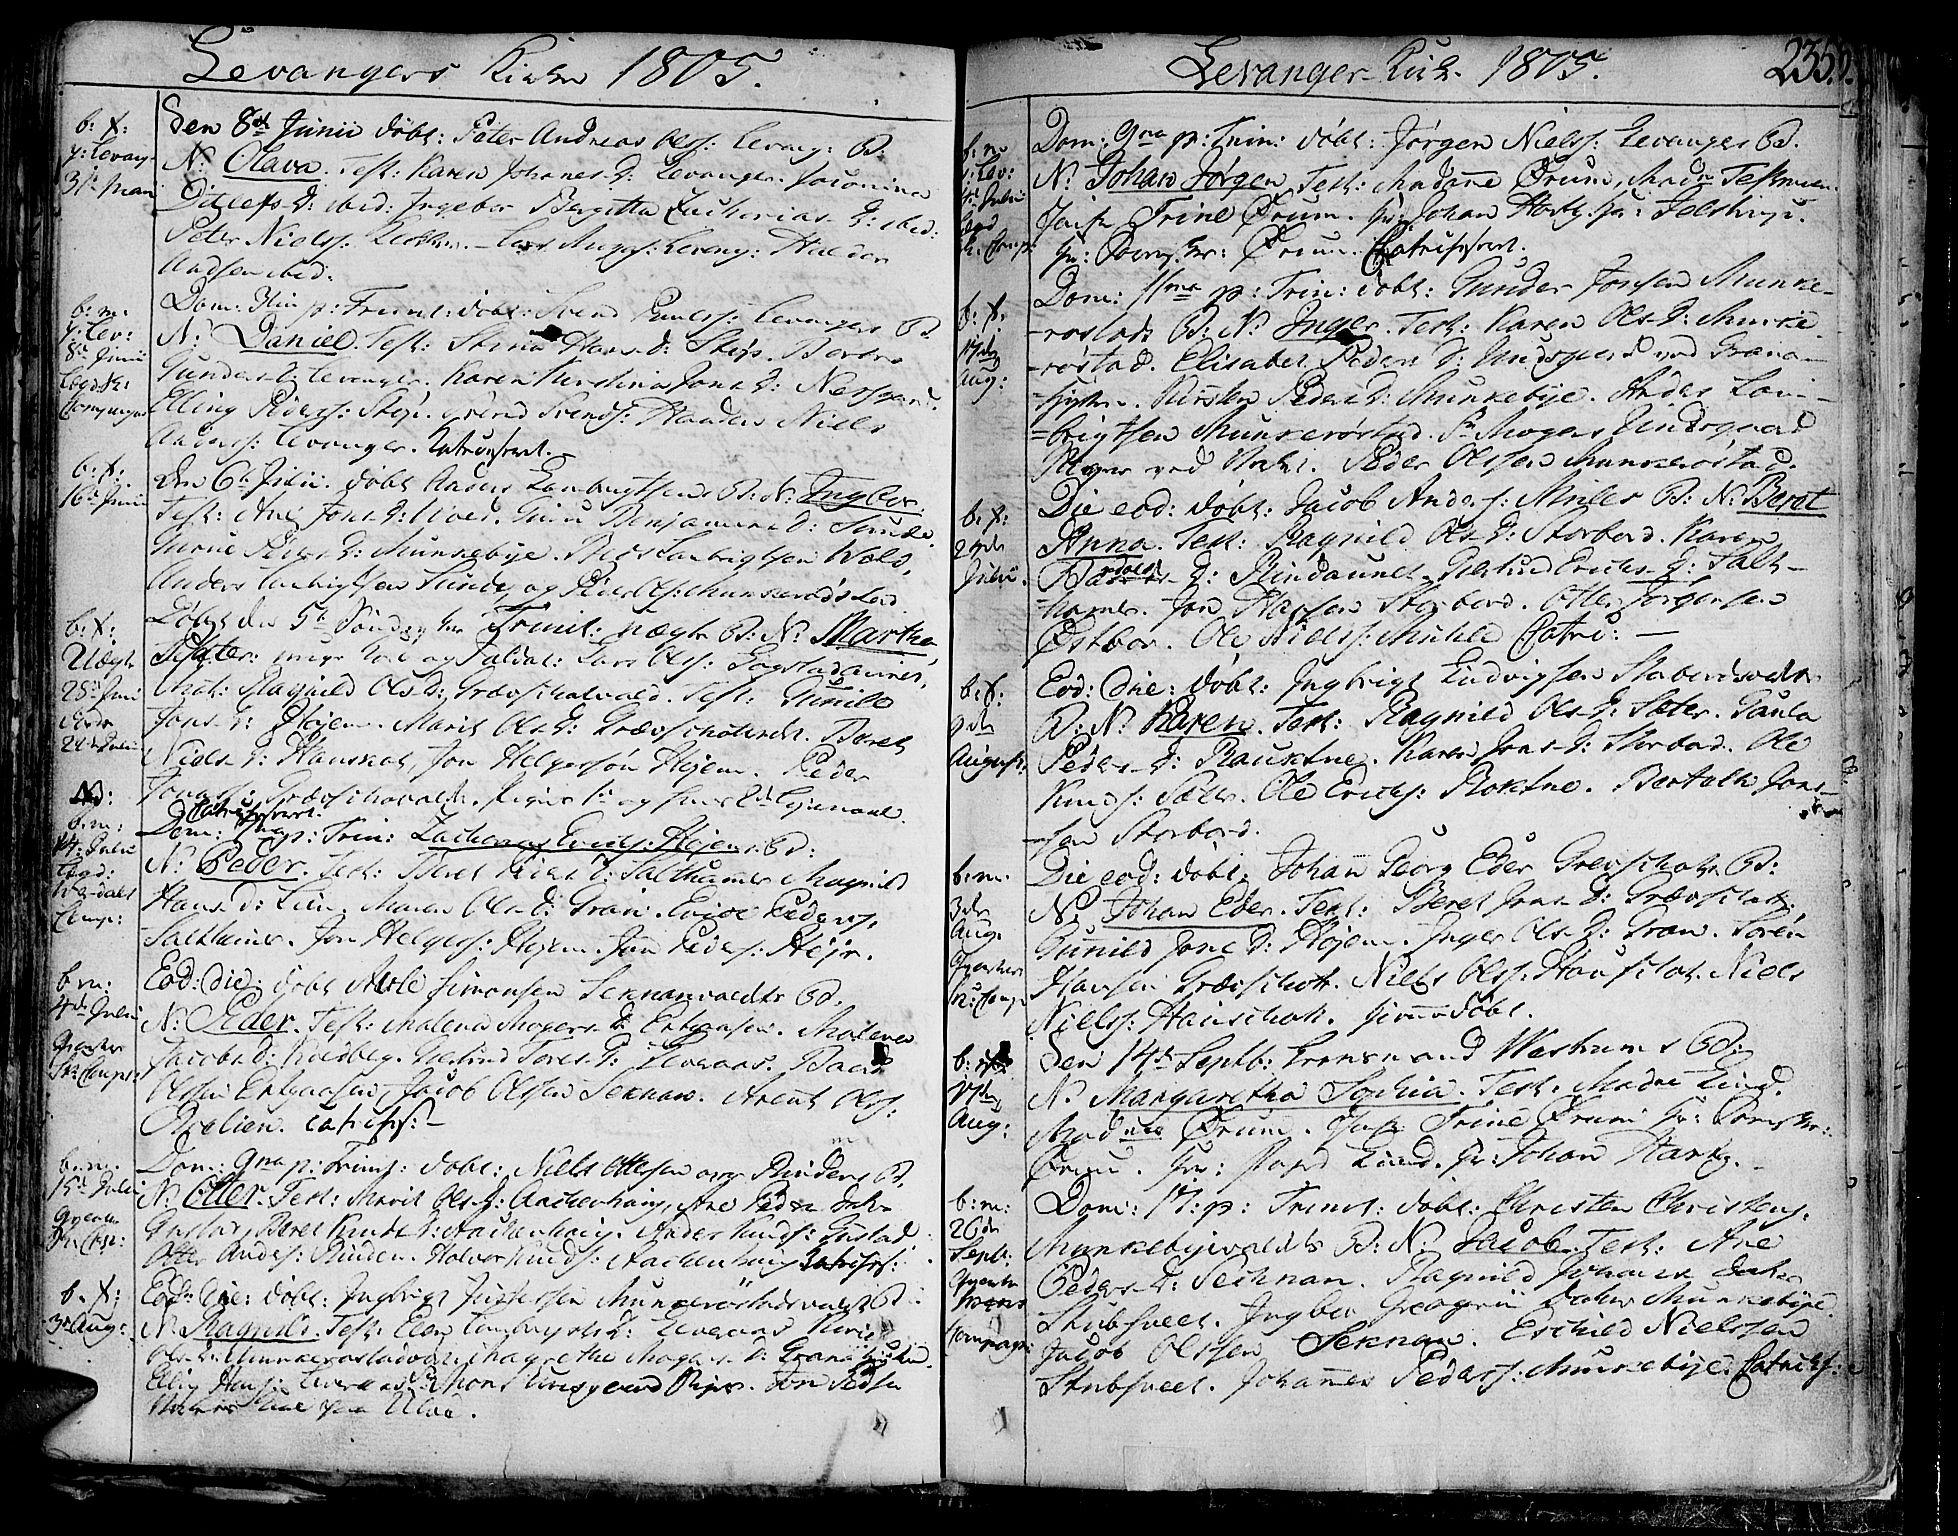 SAT, Ministerialprotokoller, klokkerbøker og fødselsregistre - Nord-Trøndelag, 717/L0144: Ministerialbok nr. 717A02 /3, 1805-1809, s. 235